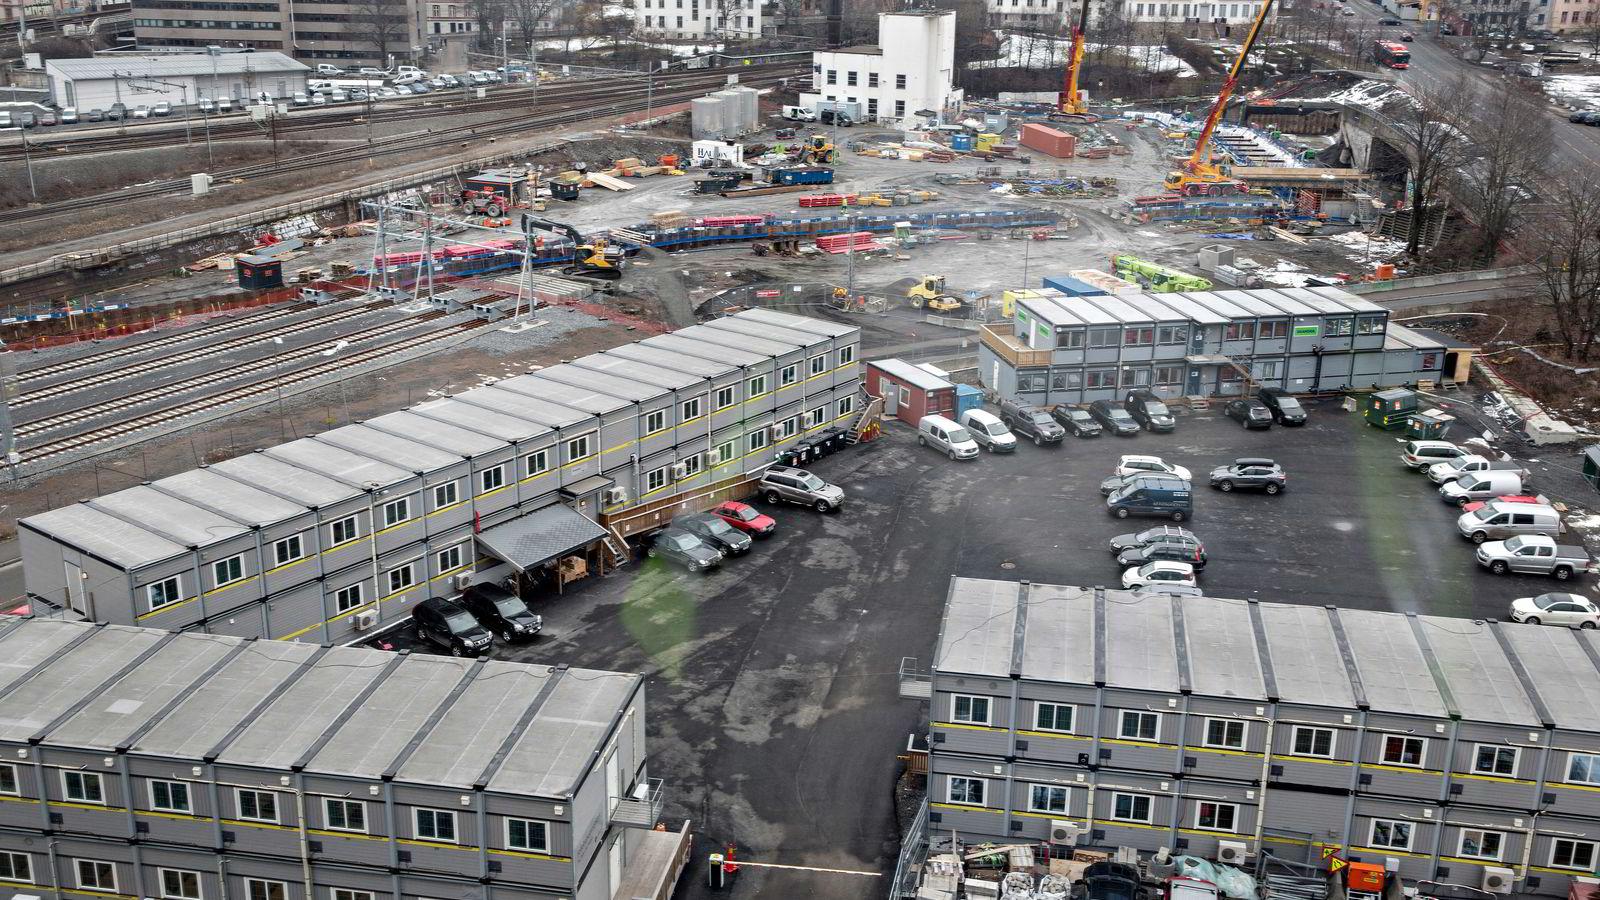 De etablerte anleggsentreprenørene mener at Statens vegvesen og Jernbaneverket glemmer dem når de nå lyser ut gigantiske kontrakter, skriver artikkelforfatterne. Bildet viser starten på Follobaneutbyggingen. Foto: Aleksander Nordahl